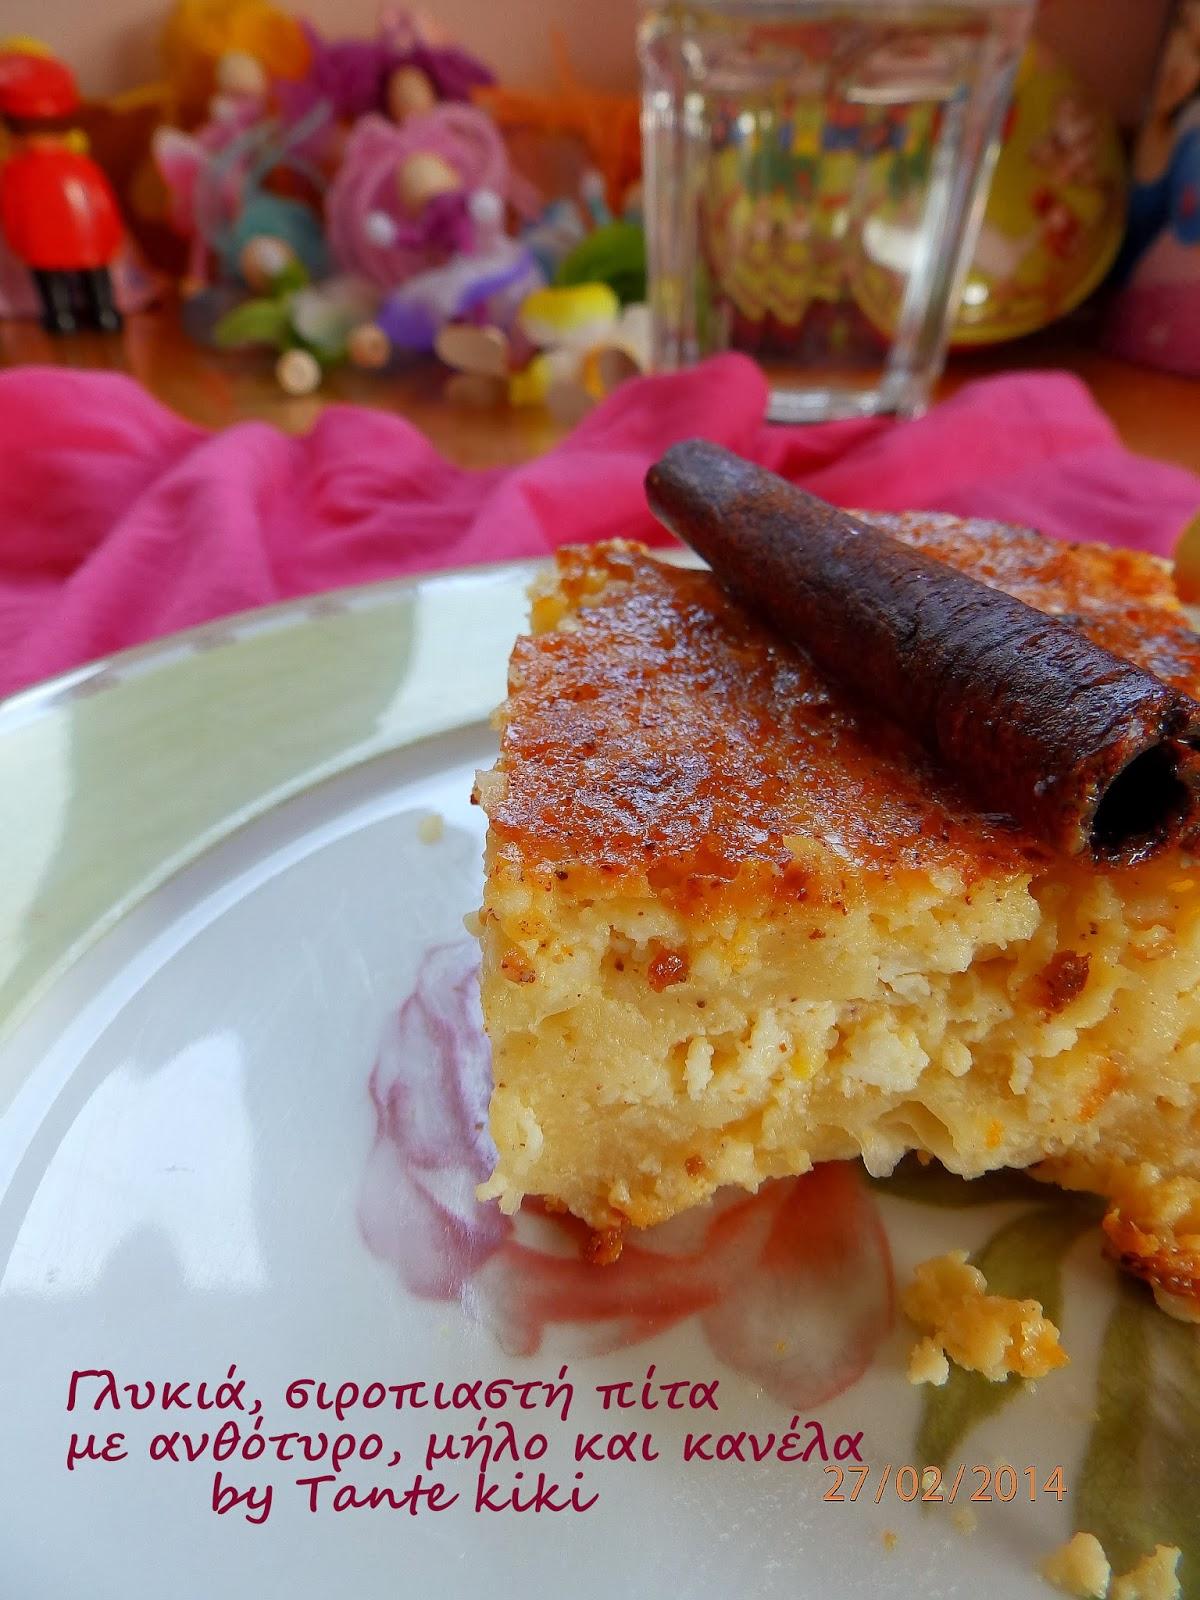 Μια σιροπιαστή μηλόπιτα με ανθότυρο… το γλυκό της Τυρινής